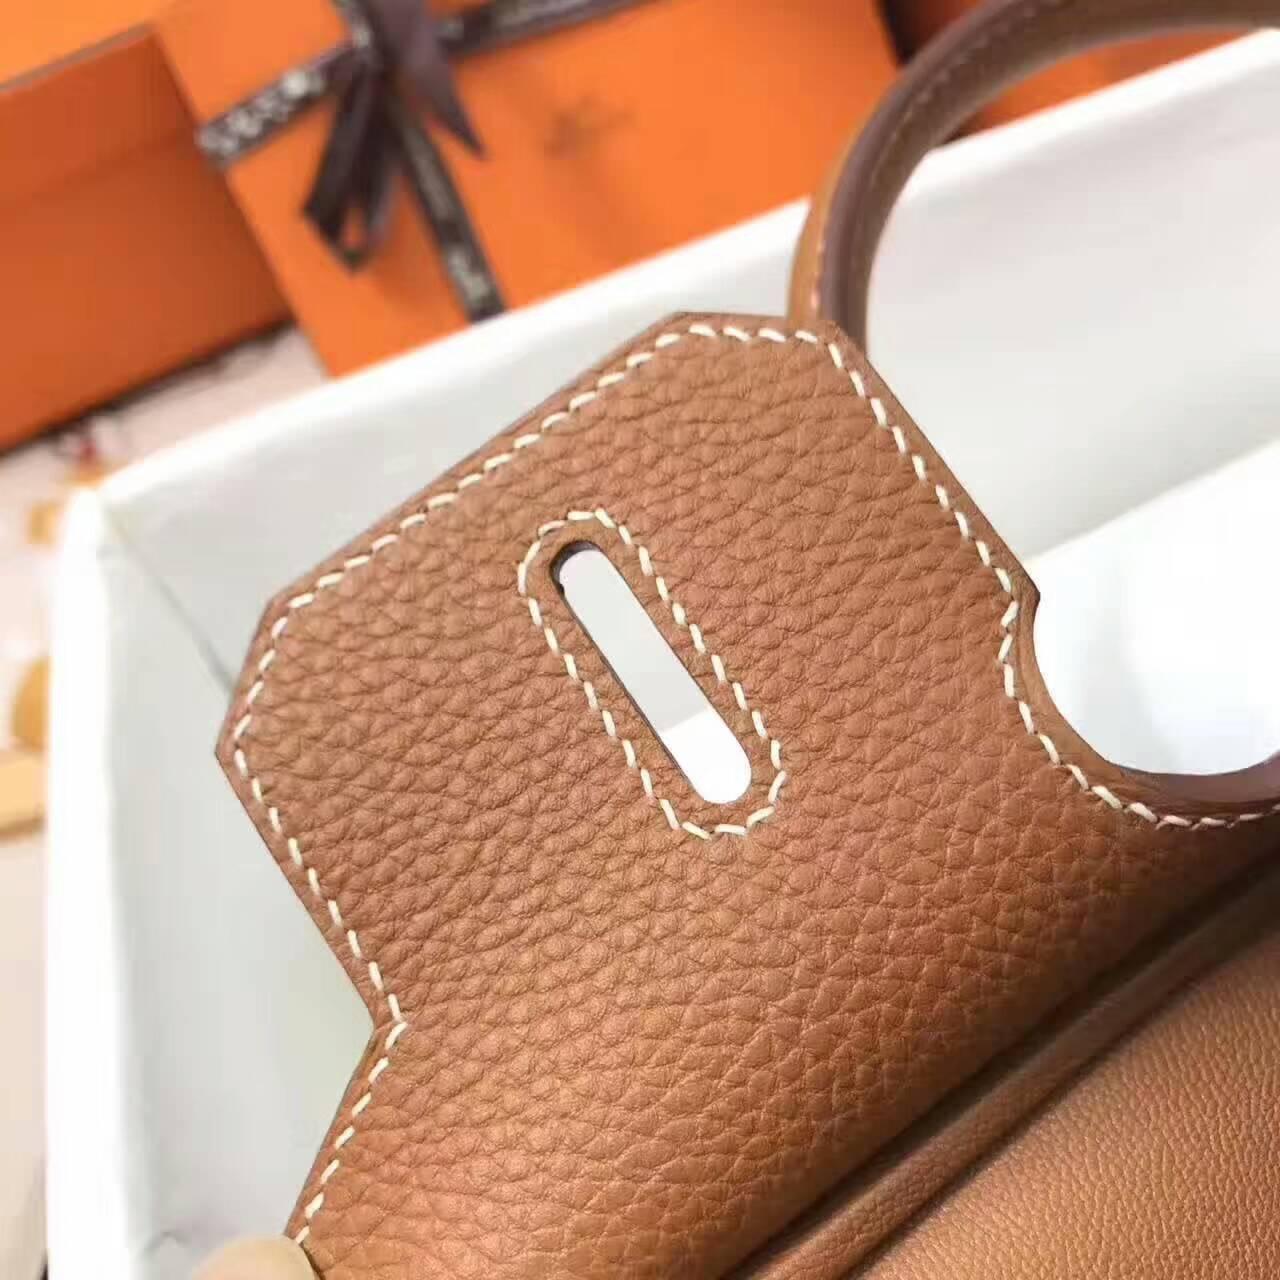 爱马仕铂金包 Birkin 30cm Togo 法国原产小牛皮 37 Gold 金棕 银扣